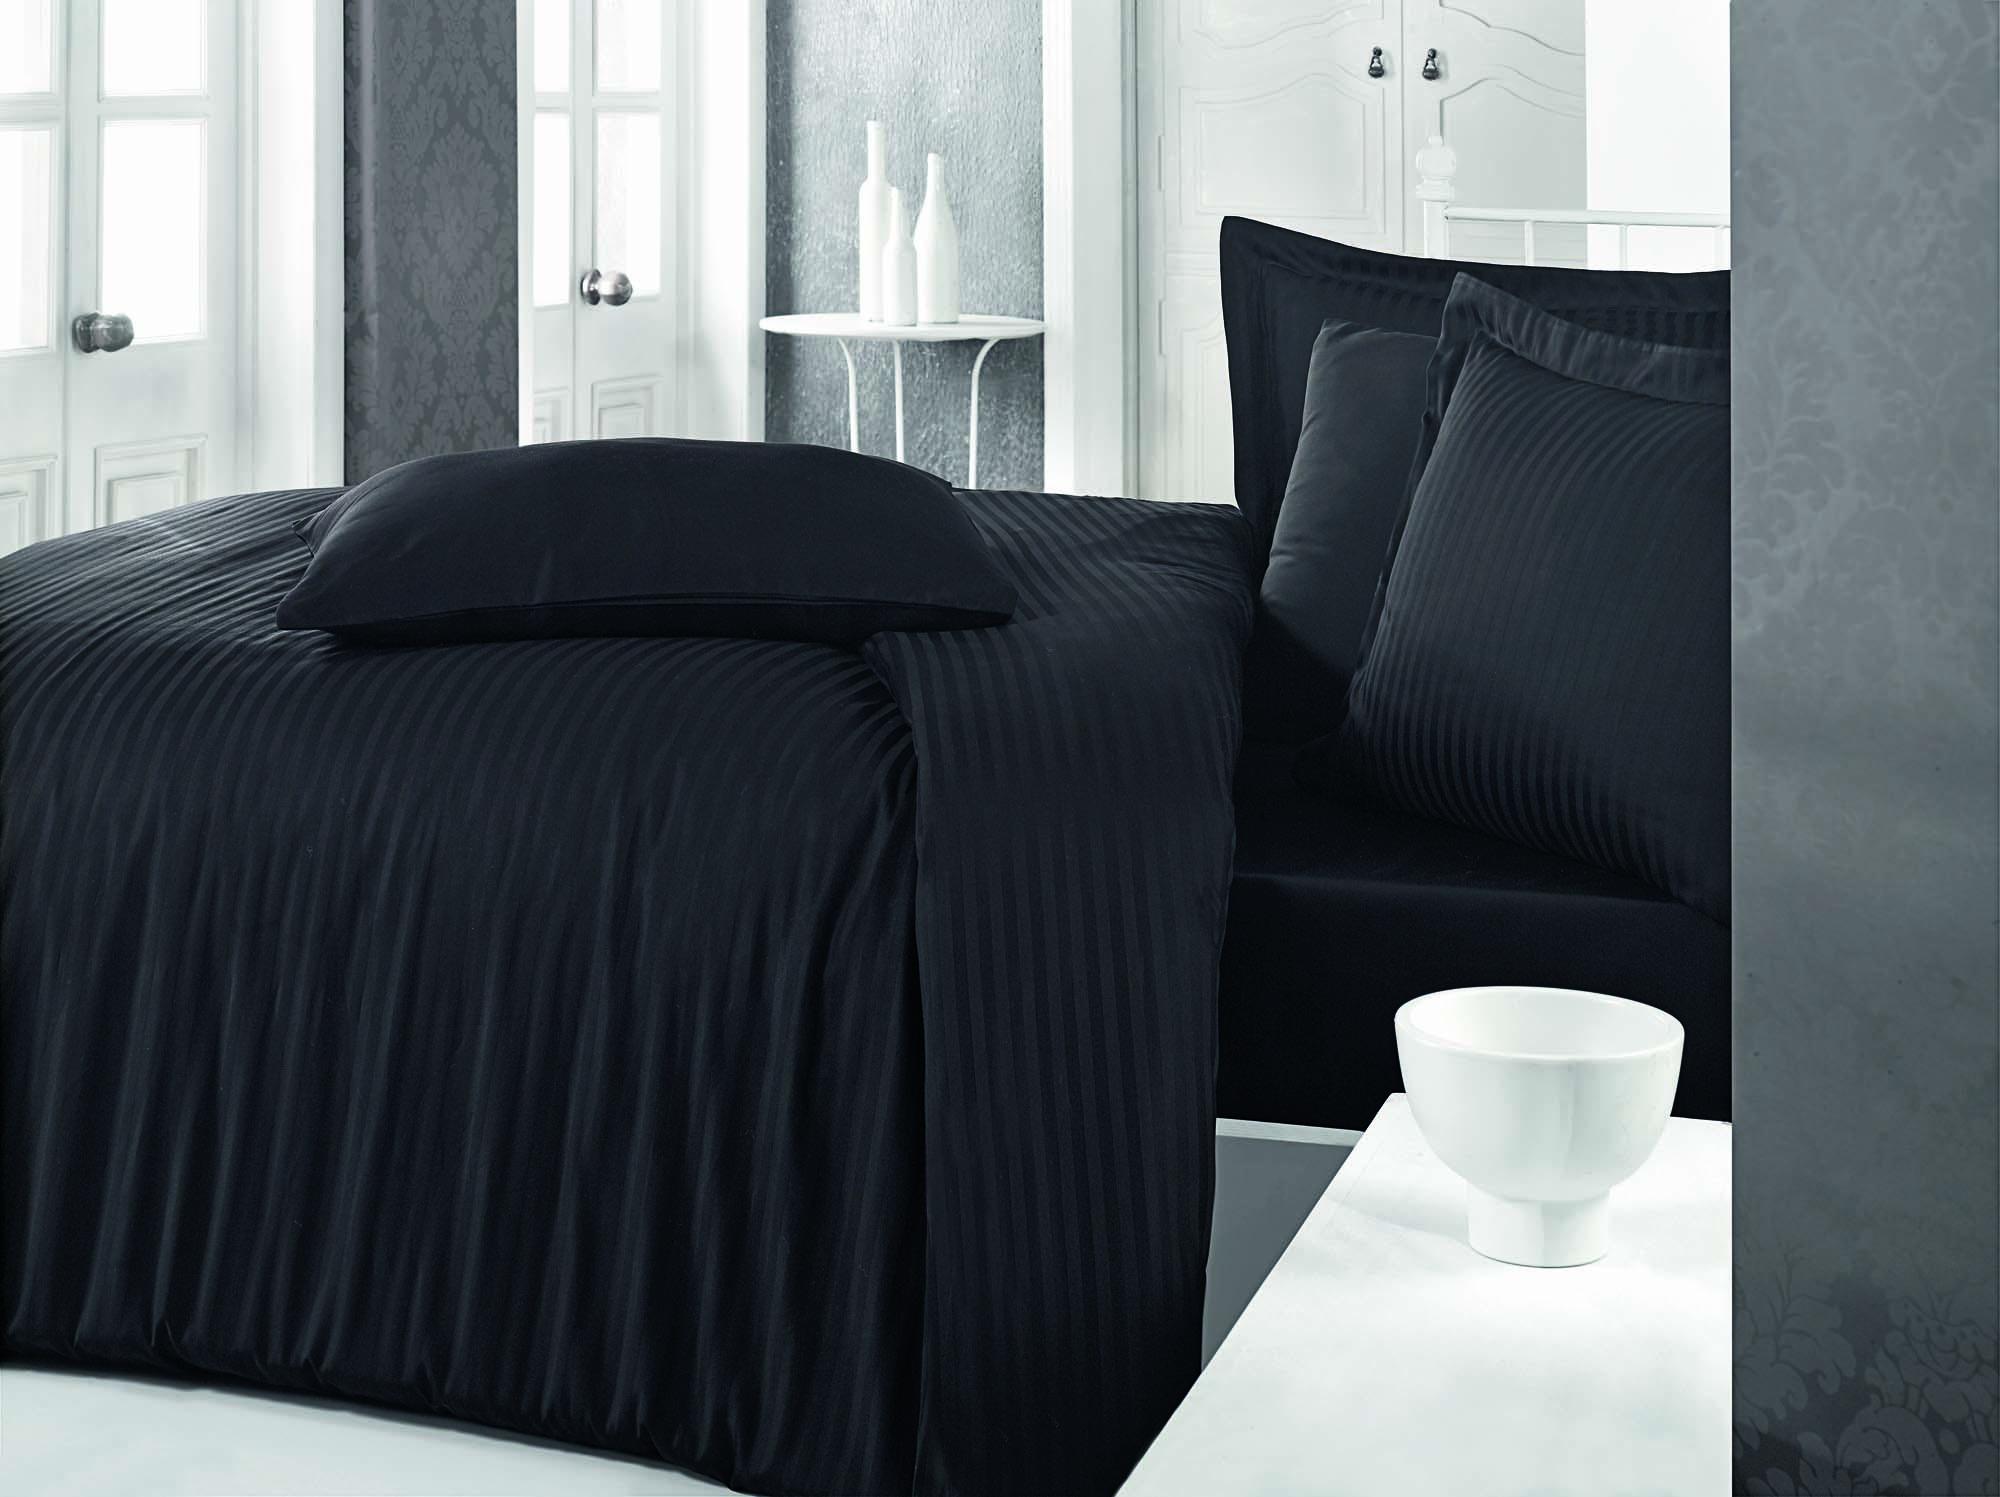 Obliečka exclusiv - Cizgili čierná